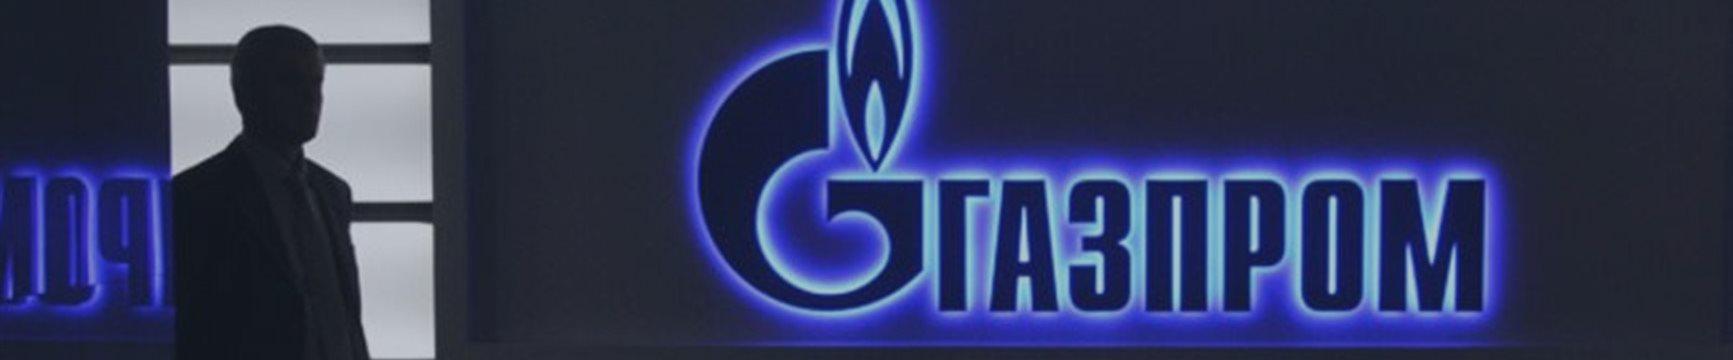 «Газпром» идёт на free float, вопрос - ко времени ли?